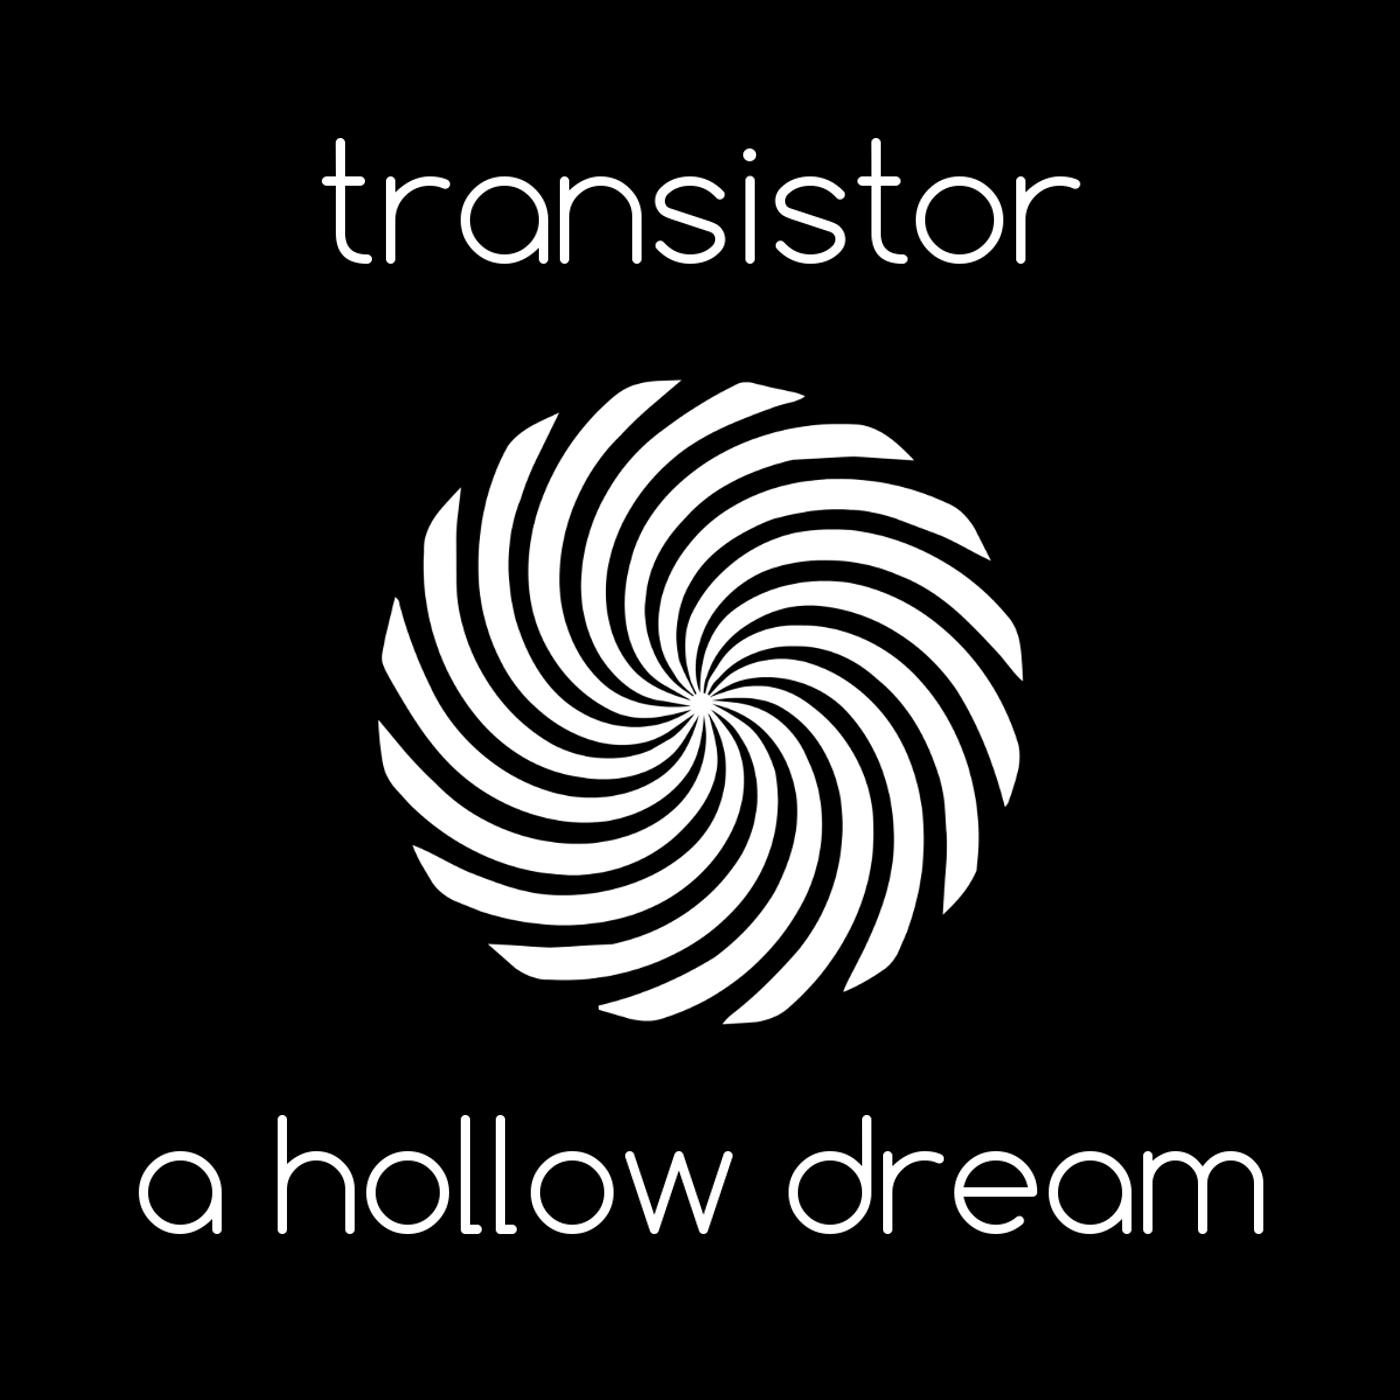 A Hollow Dream